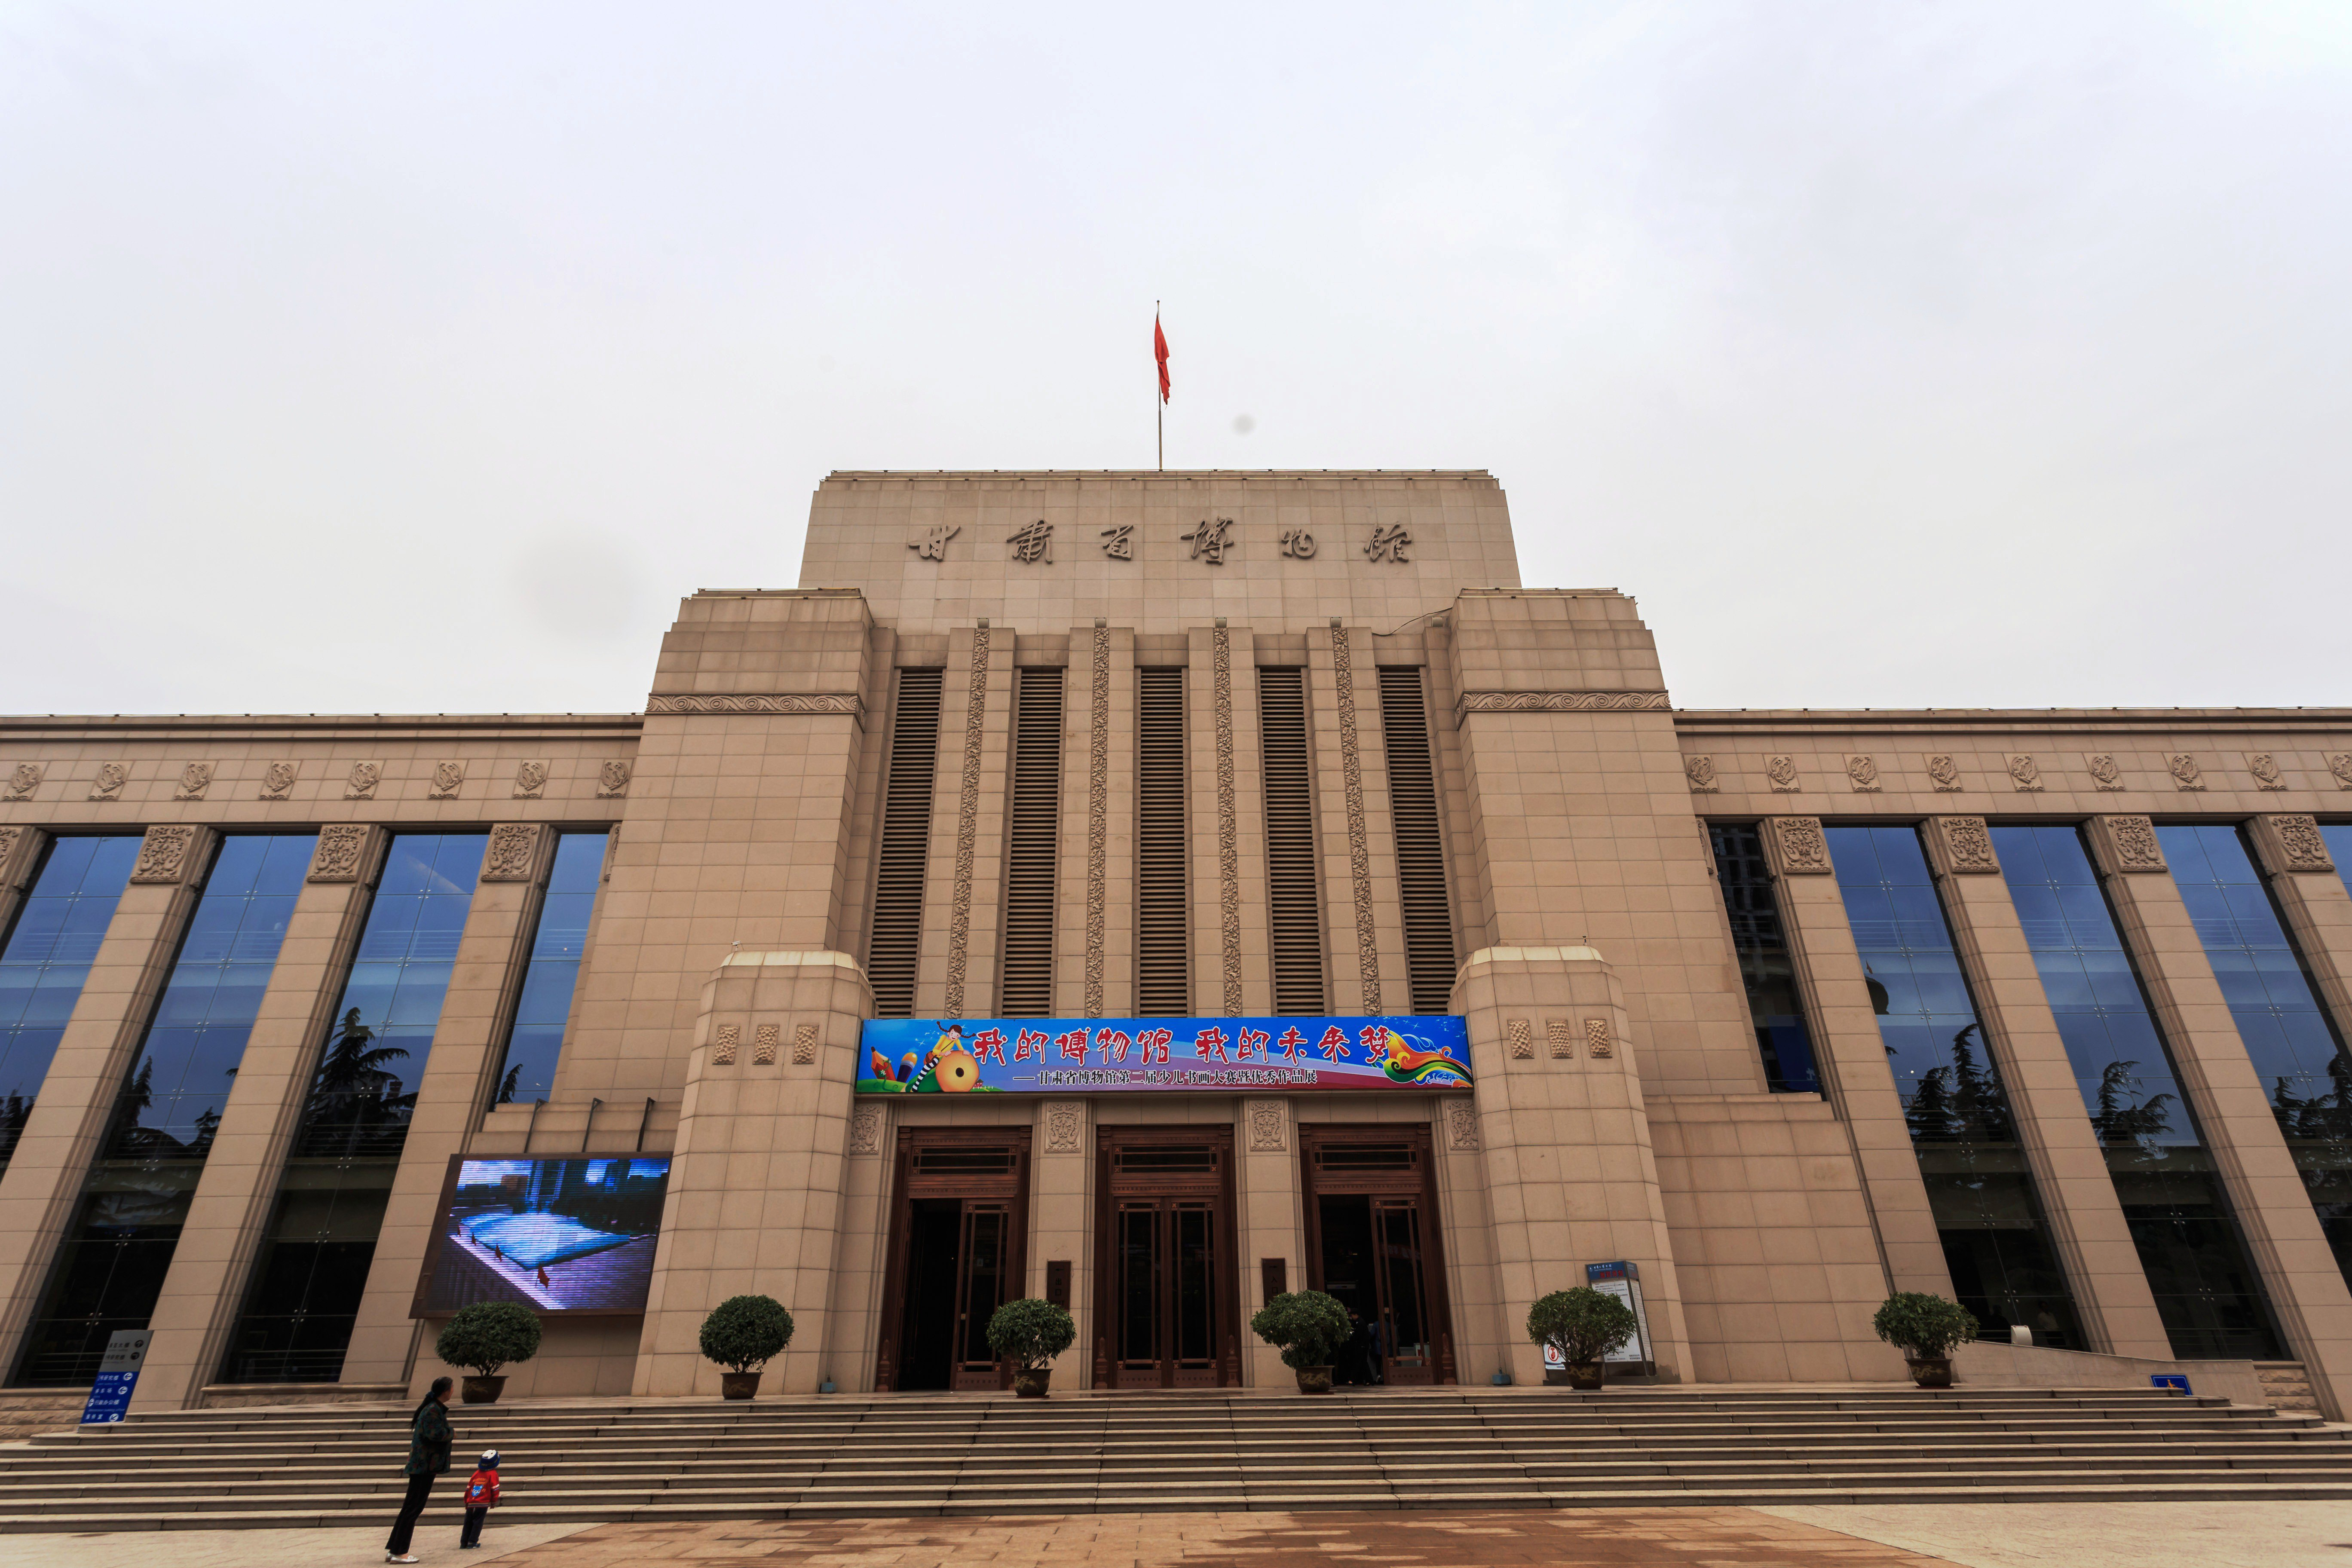 银川+中卫+兰州+张掖+嘉峪关+敦煌+吐鲁番+乌鲁木齐